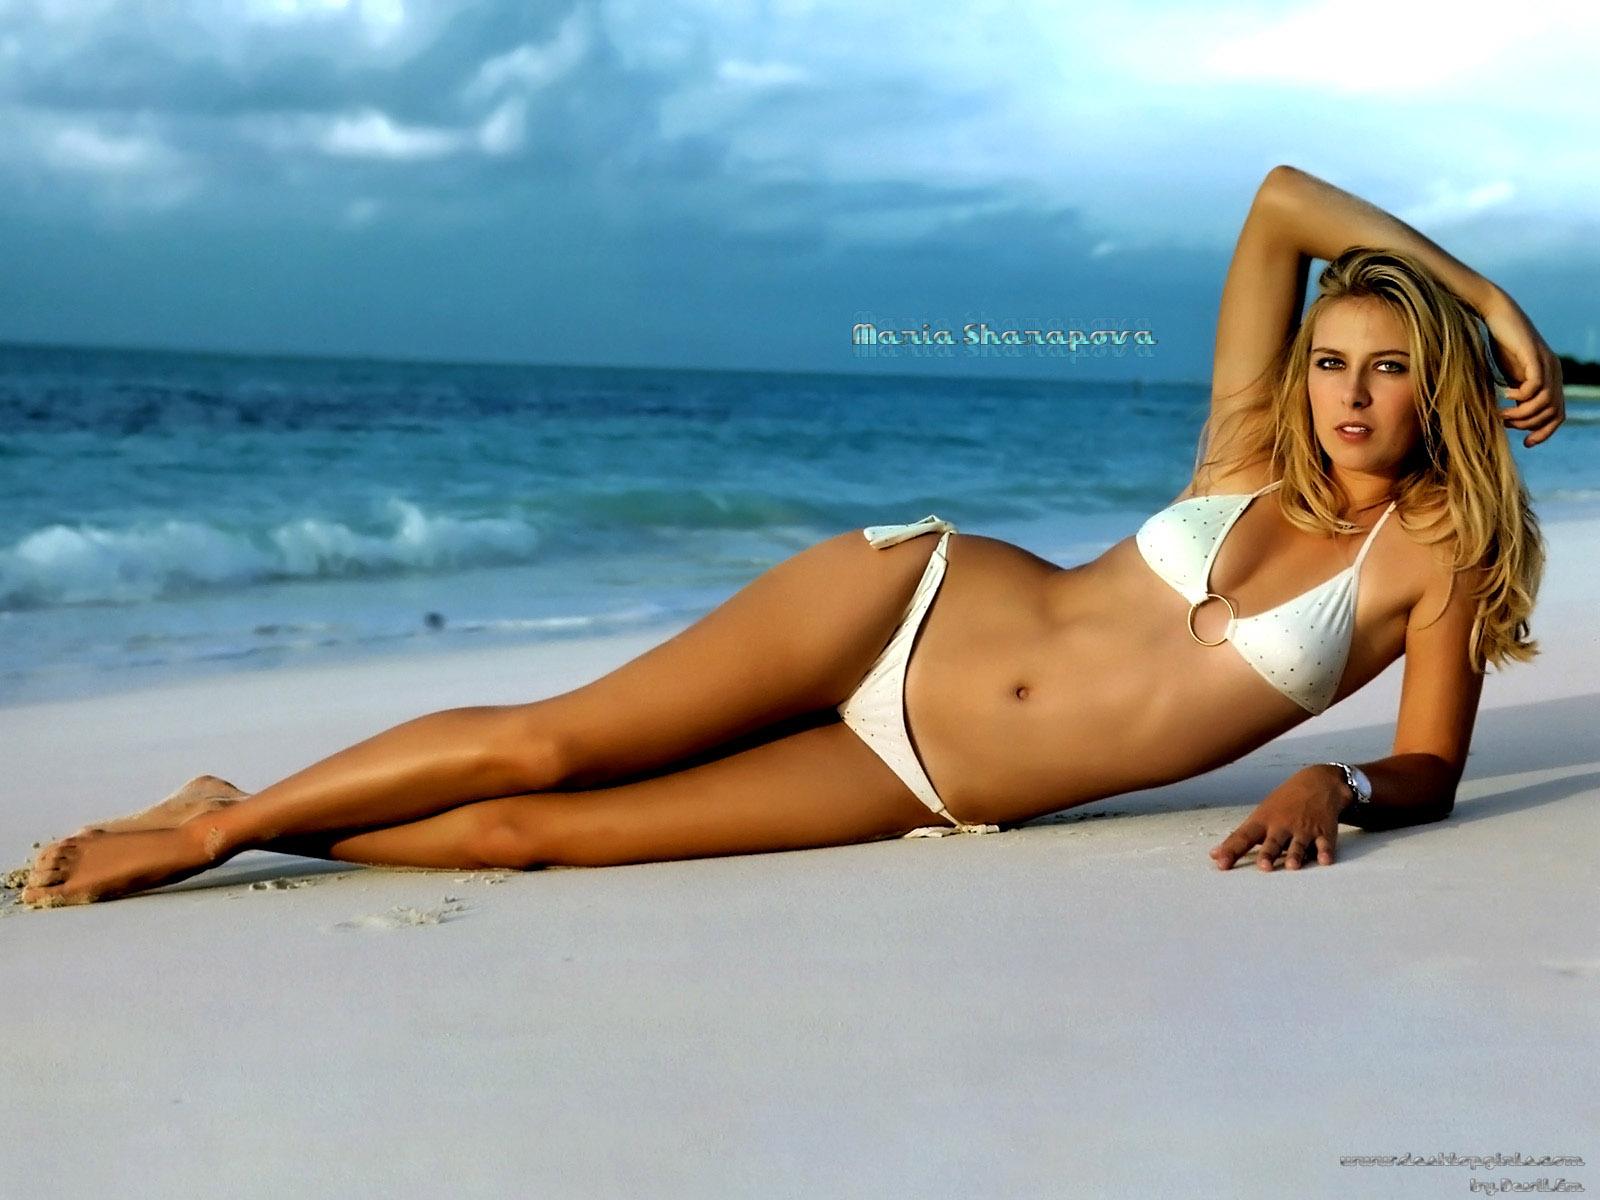 http://1.bp.blogspot.com/_qYWivEK1qQM/TELNaZVDC8I/AAAAAAAAAeg/0Vmofc8r2-w/s1600/Maria_Sharapova1.jpg